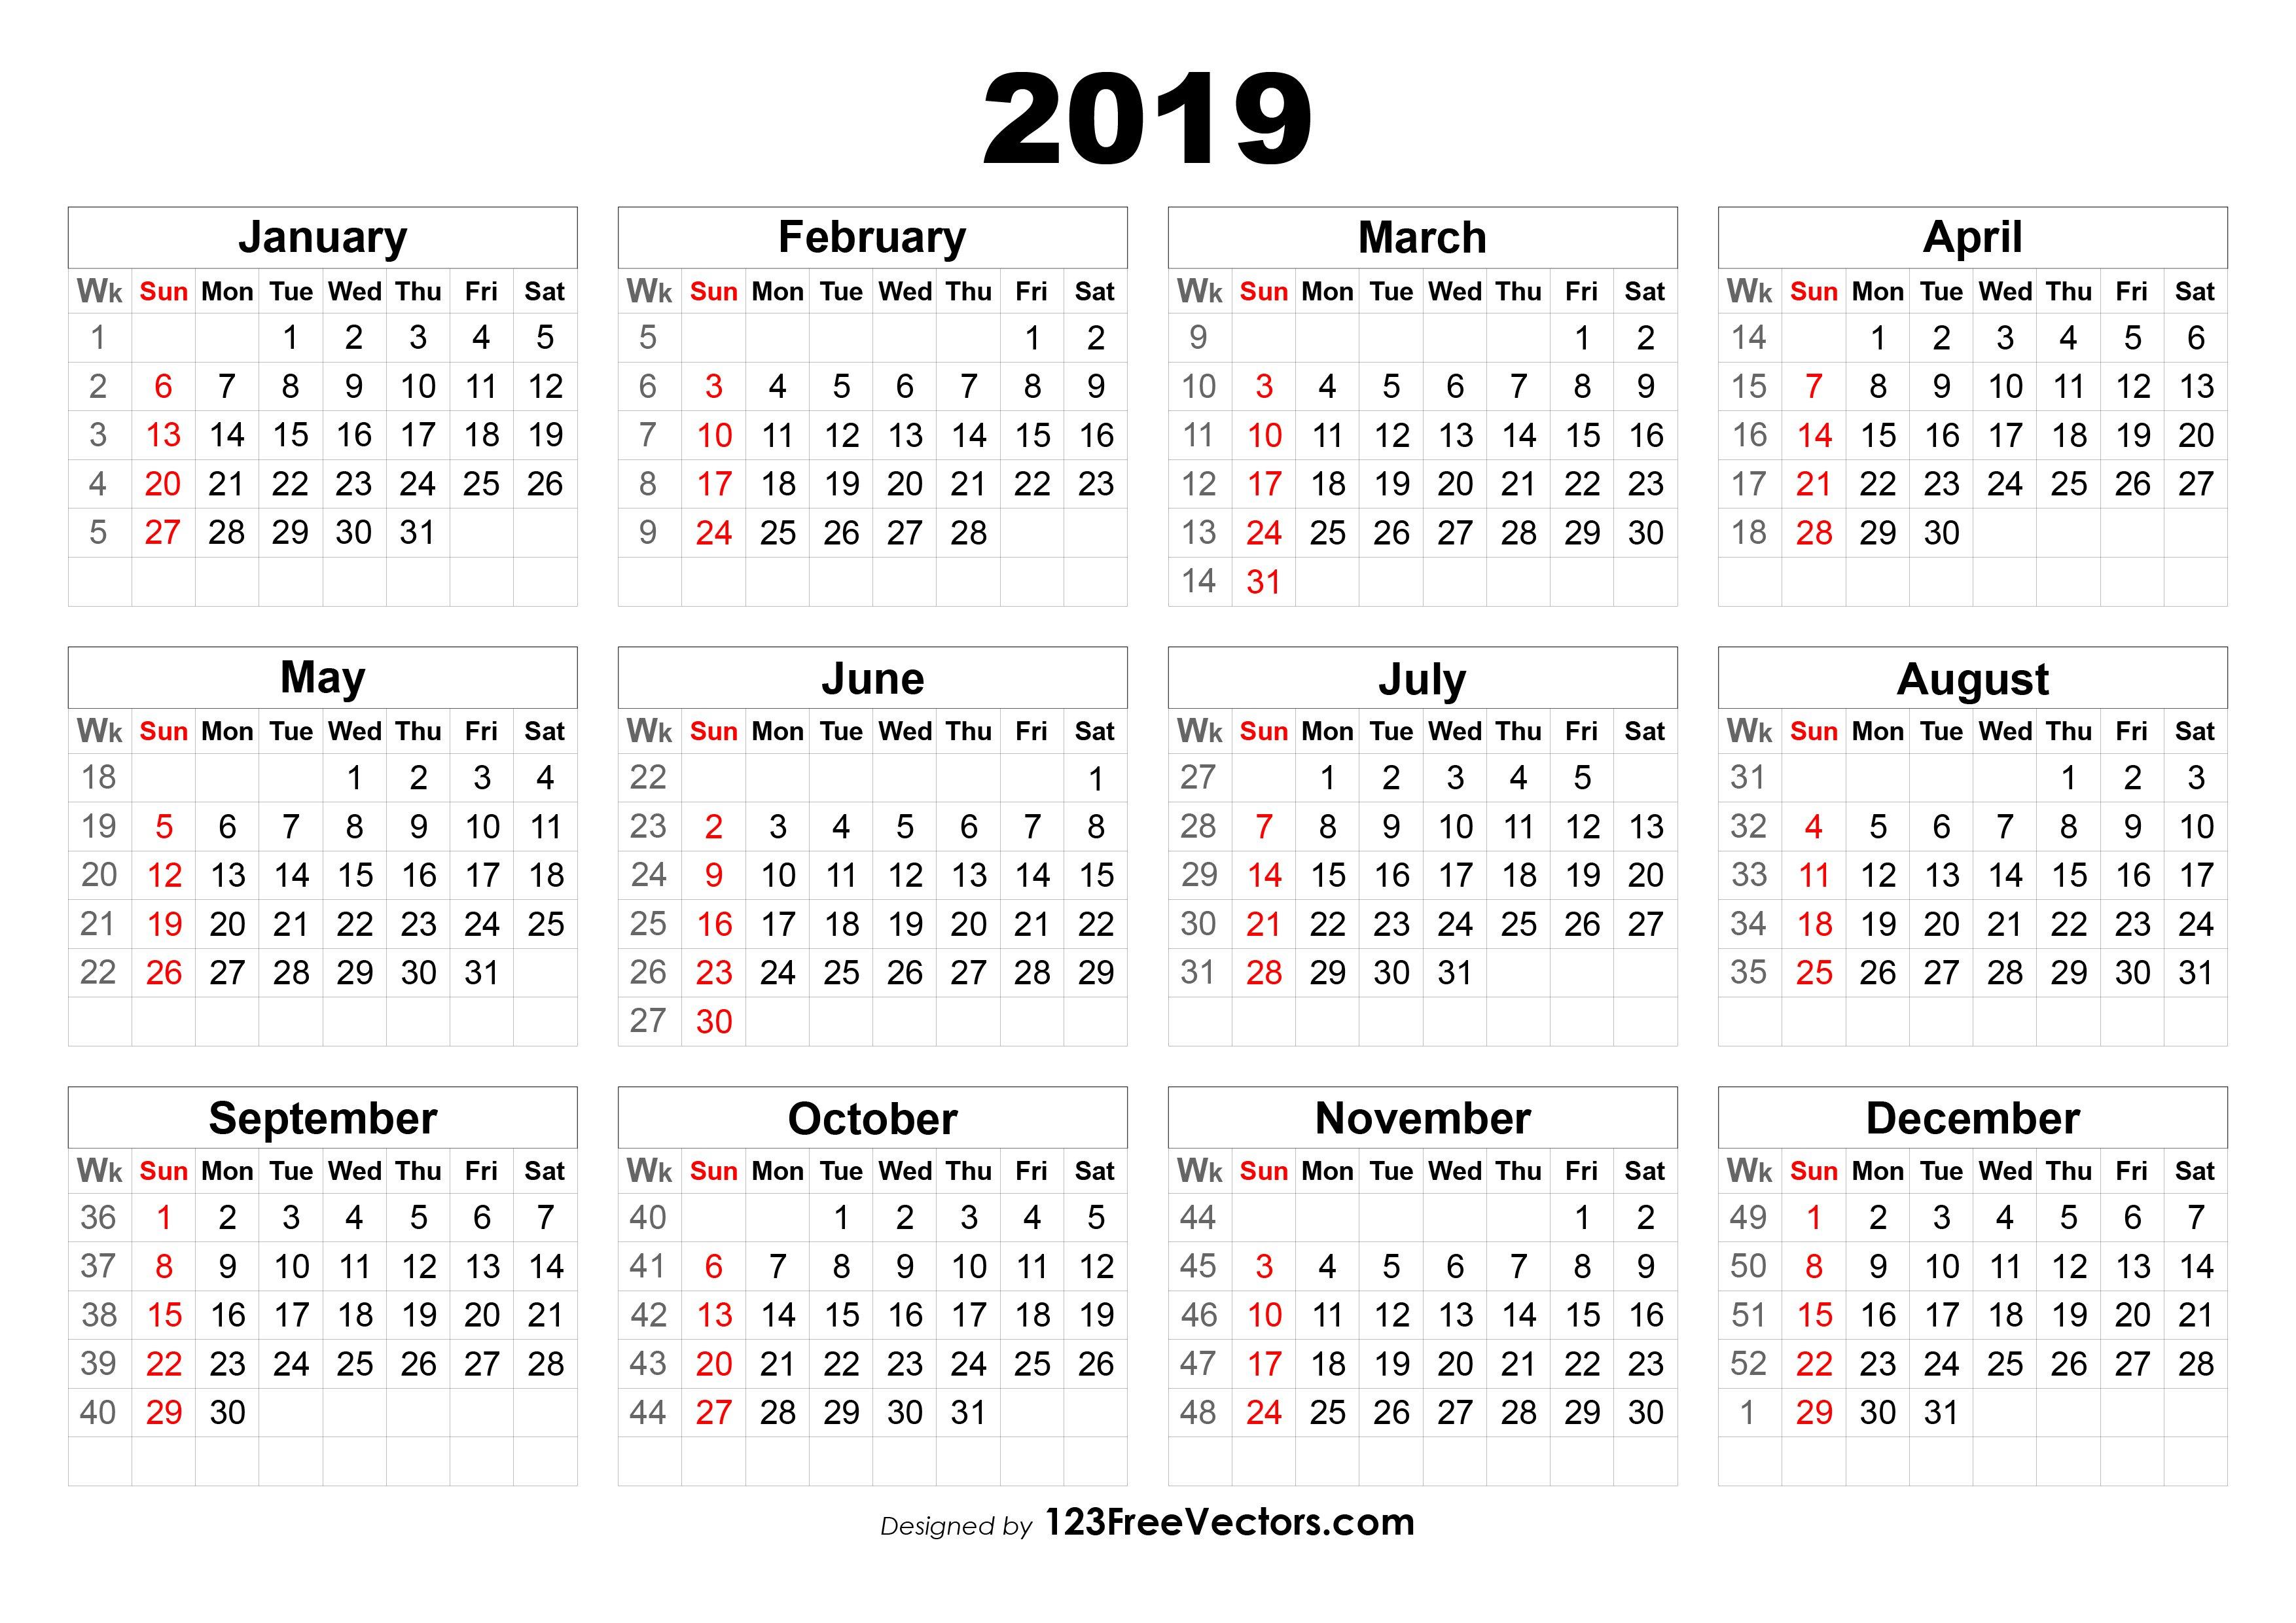 2019 Calendar With Week Numbers Week 6 Calendar 2019